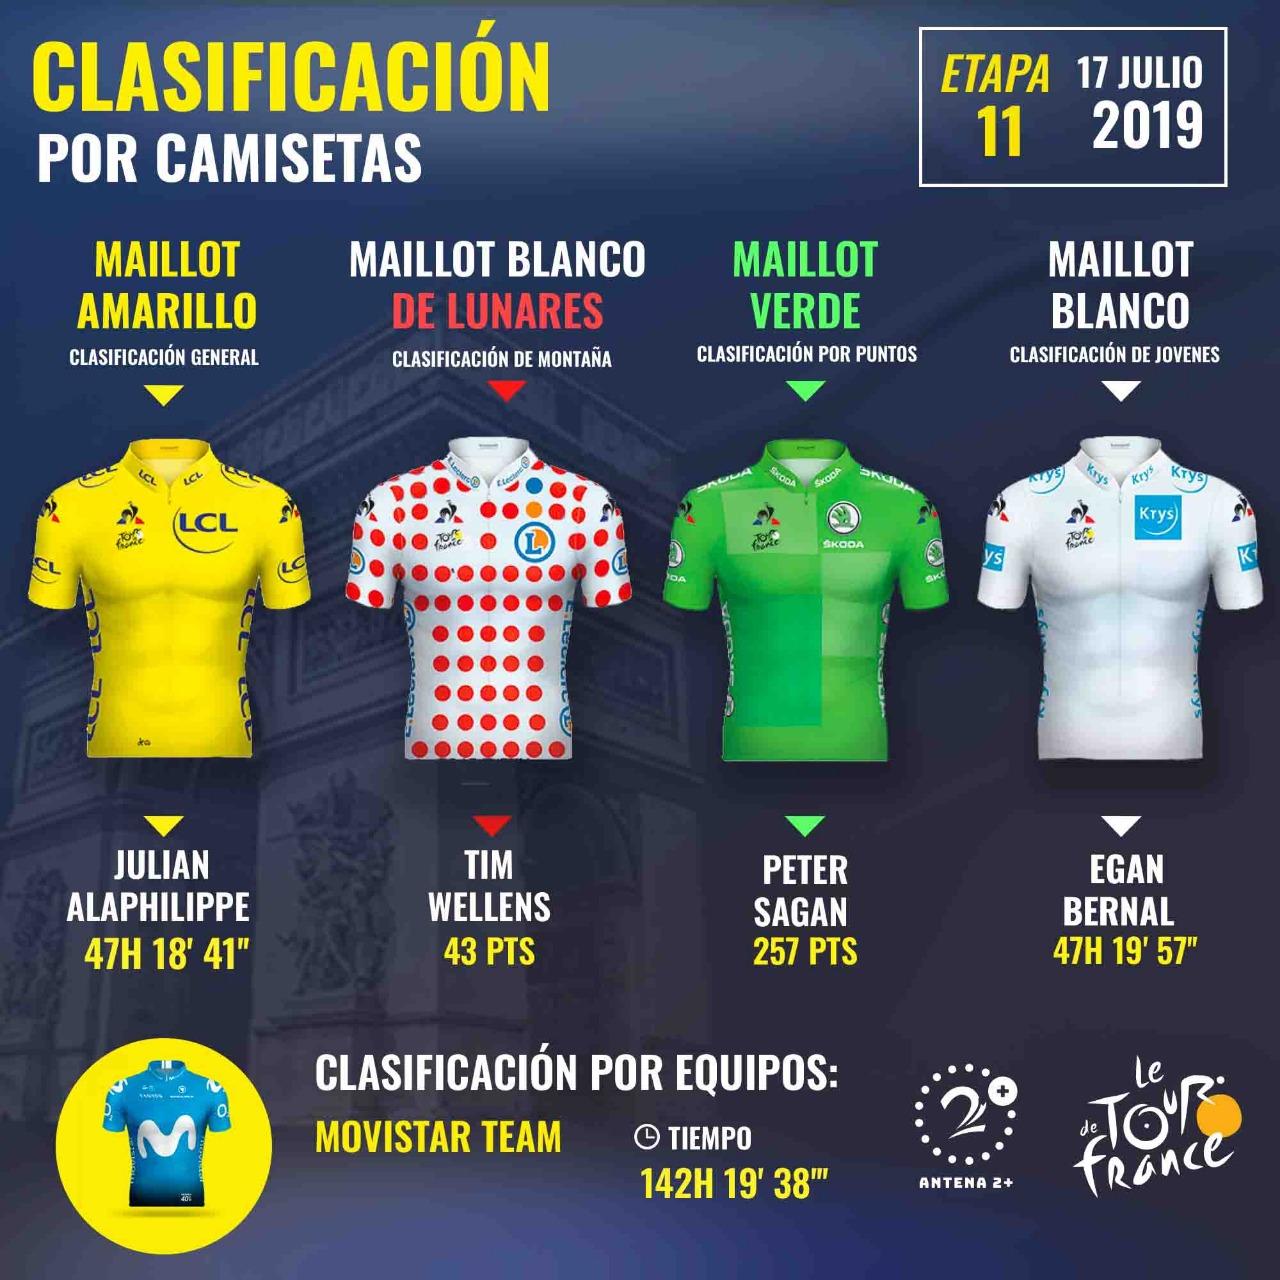 Camisetas de líderes, Tour de Francia 2019